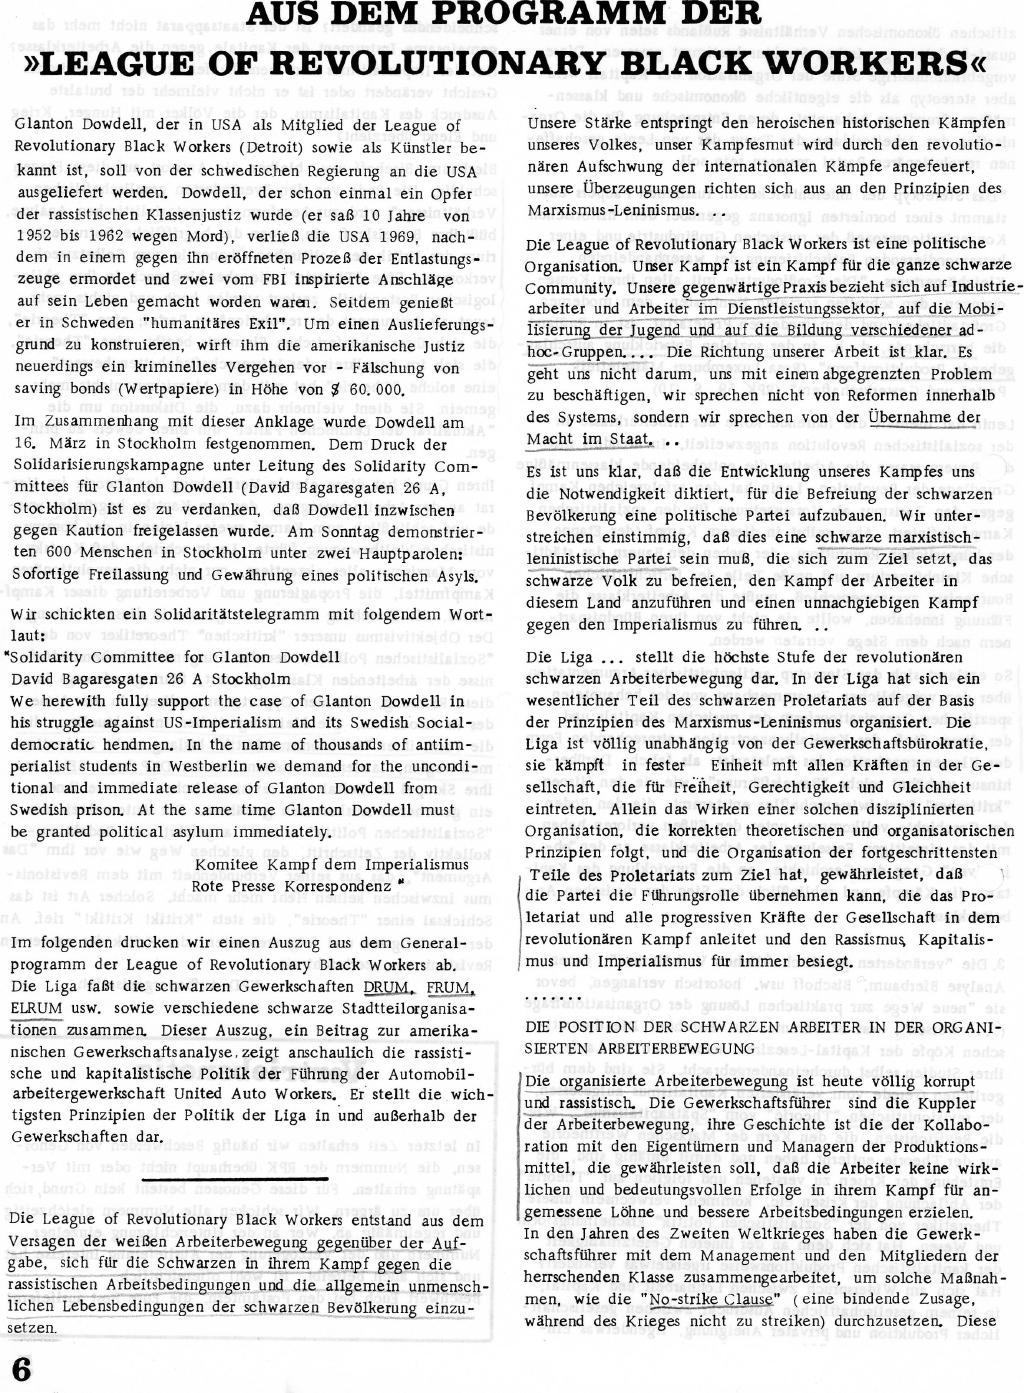 RPK_1971_108_06